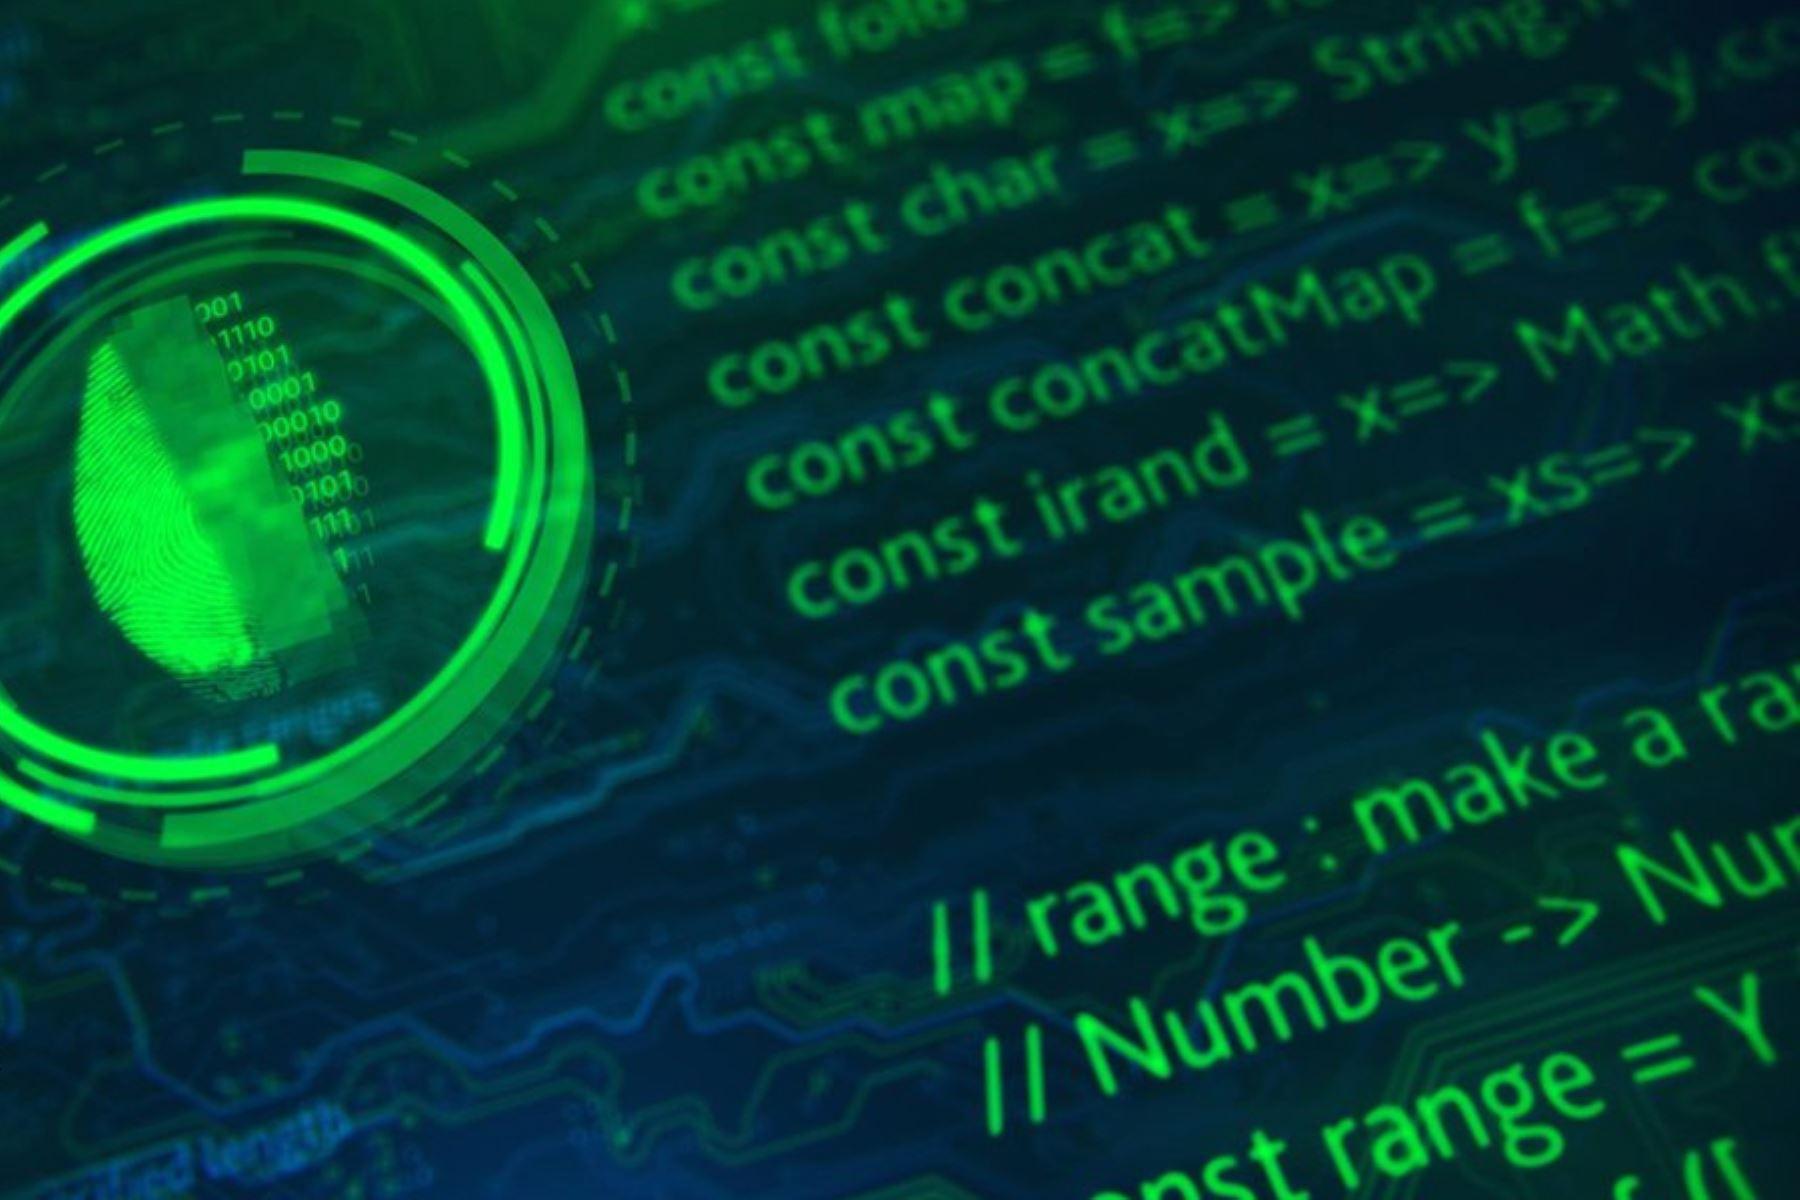 El primer semestre del año, el Centro de Operaciones de Seguridad (SOC) de CenturyLink mitigó más de 14.000 ataques DDoS contra sus clientes.